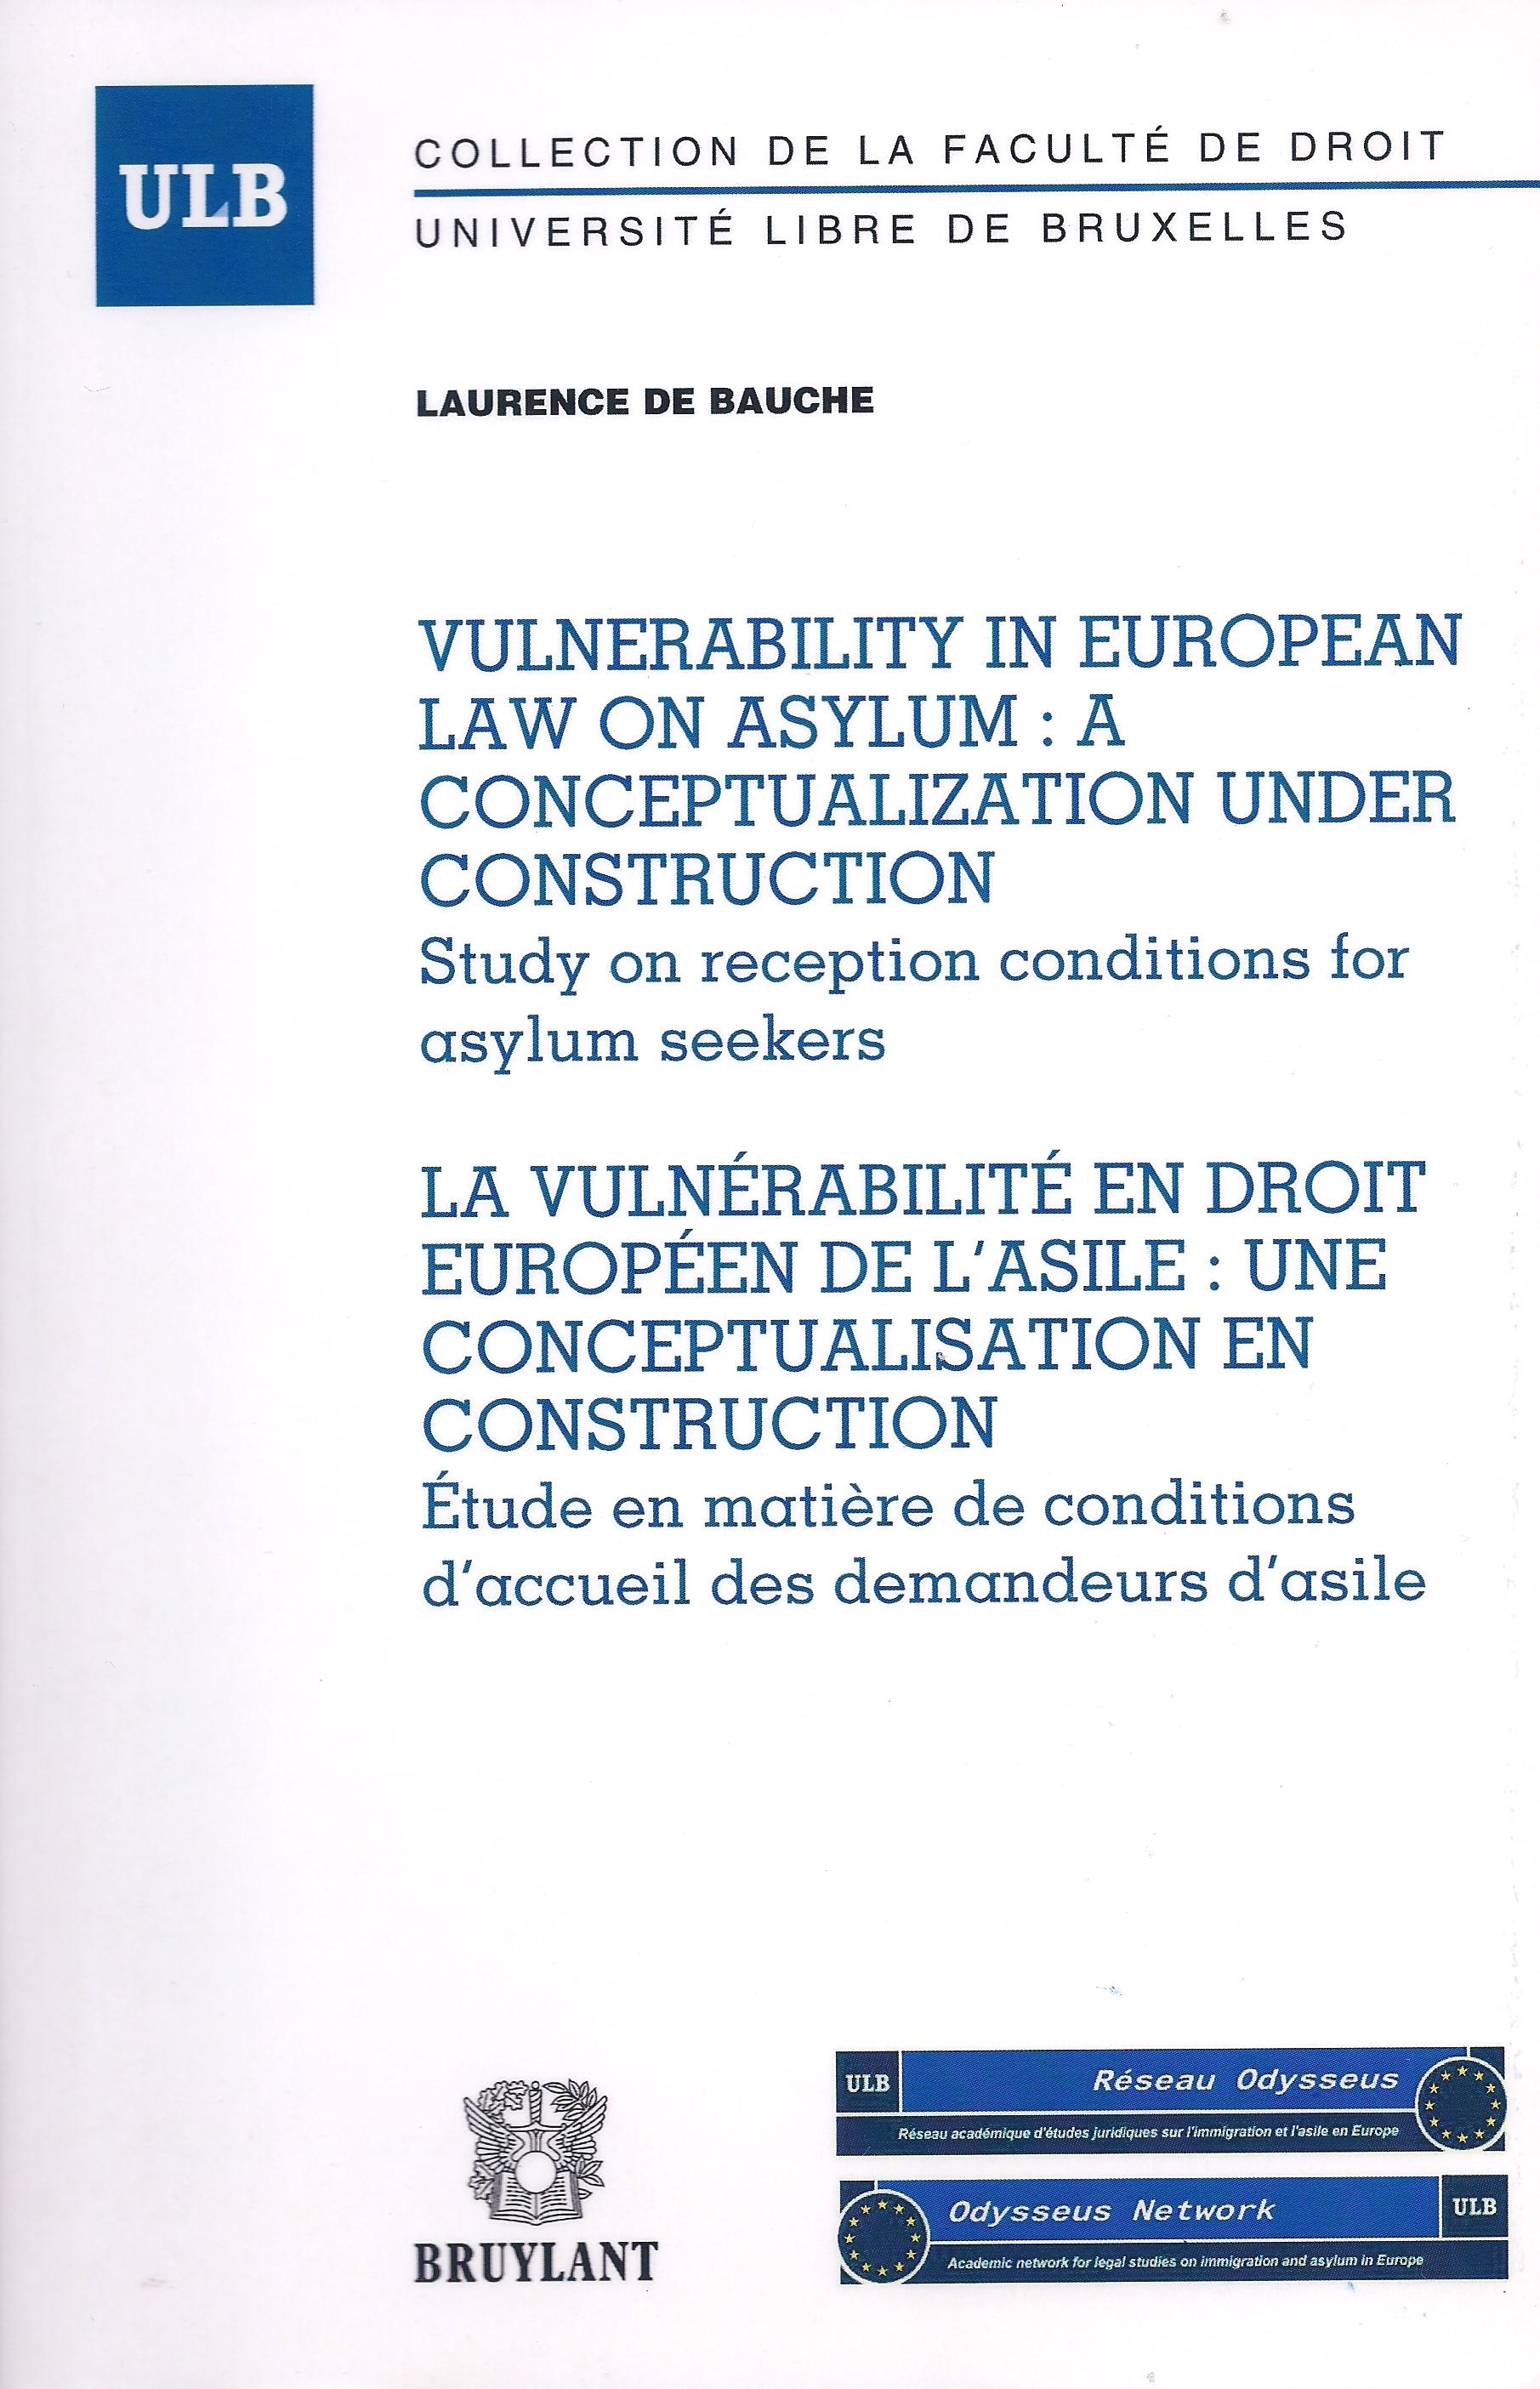 Vulnerability in EU Law on Asylum